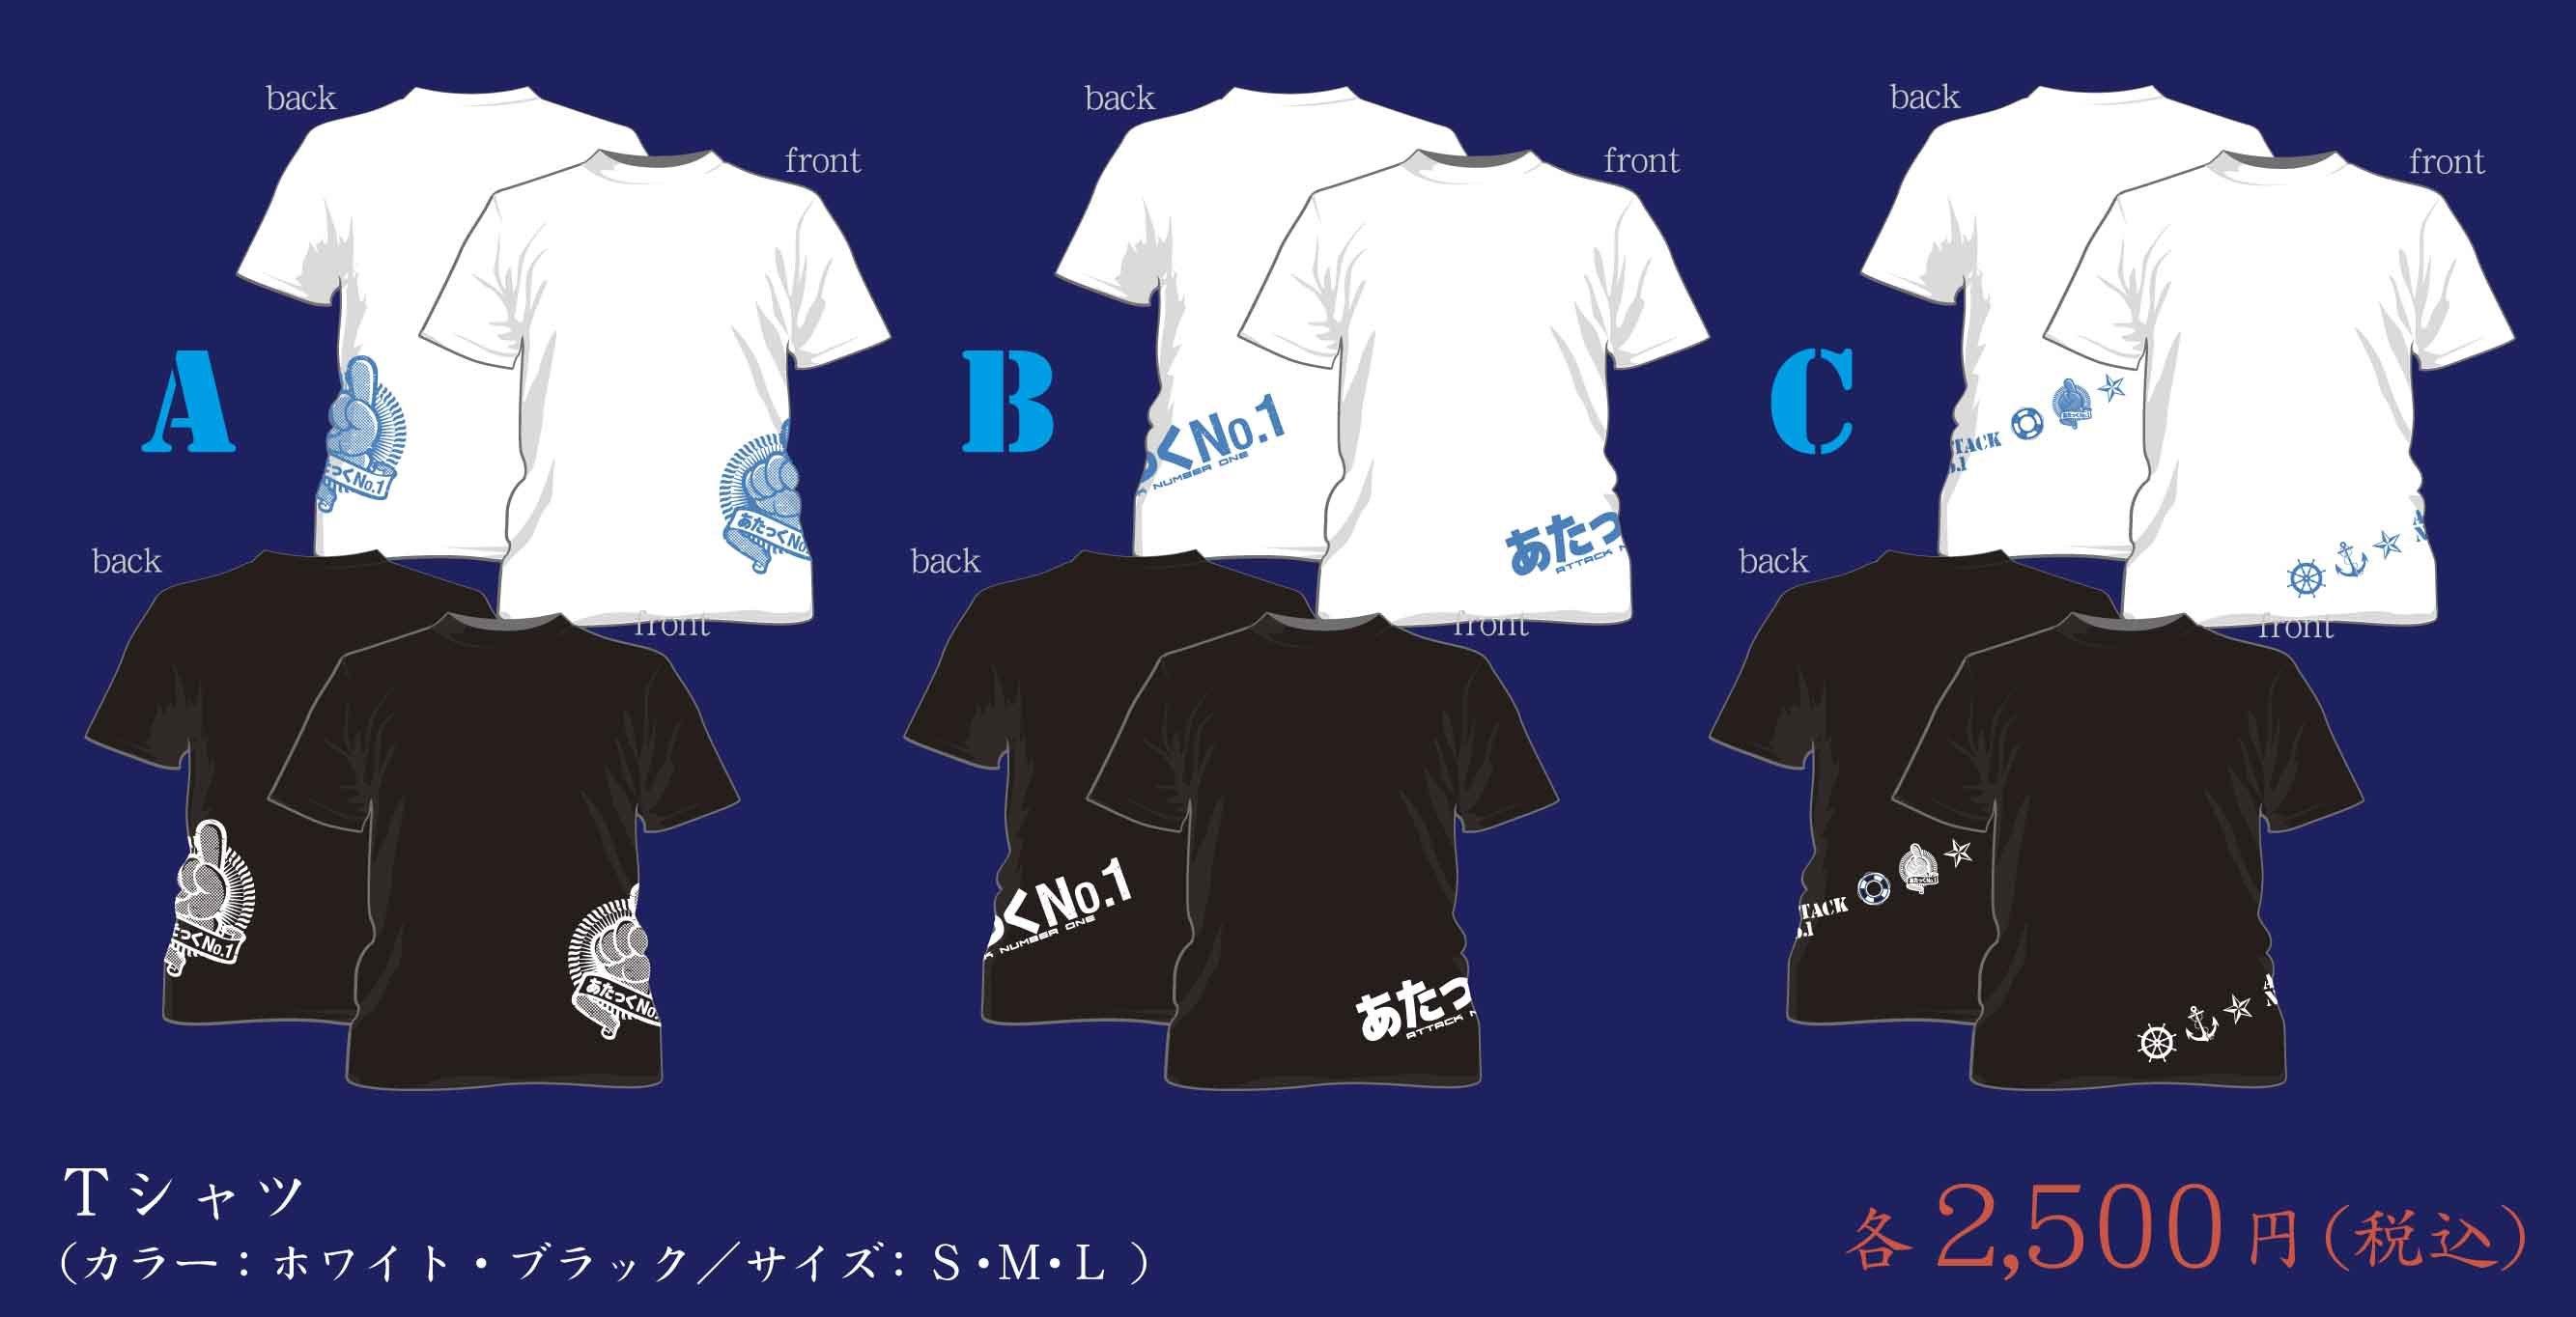 OnlineShop オープンセール Tシャツ(タイプA 黒)